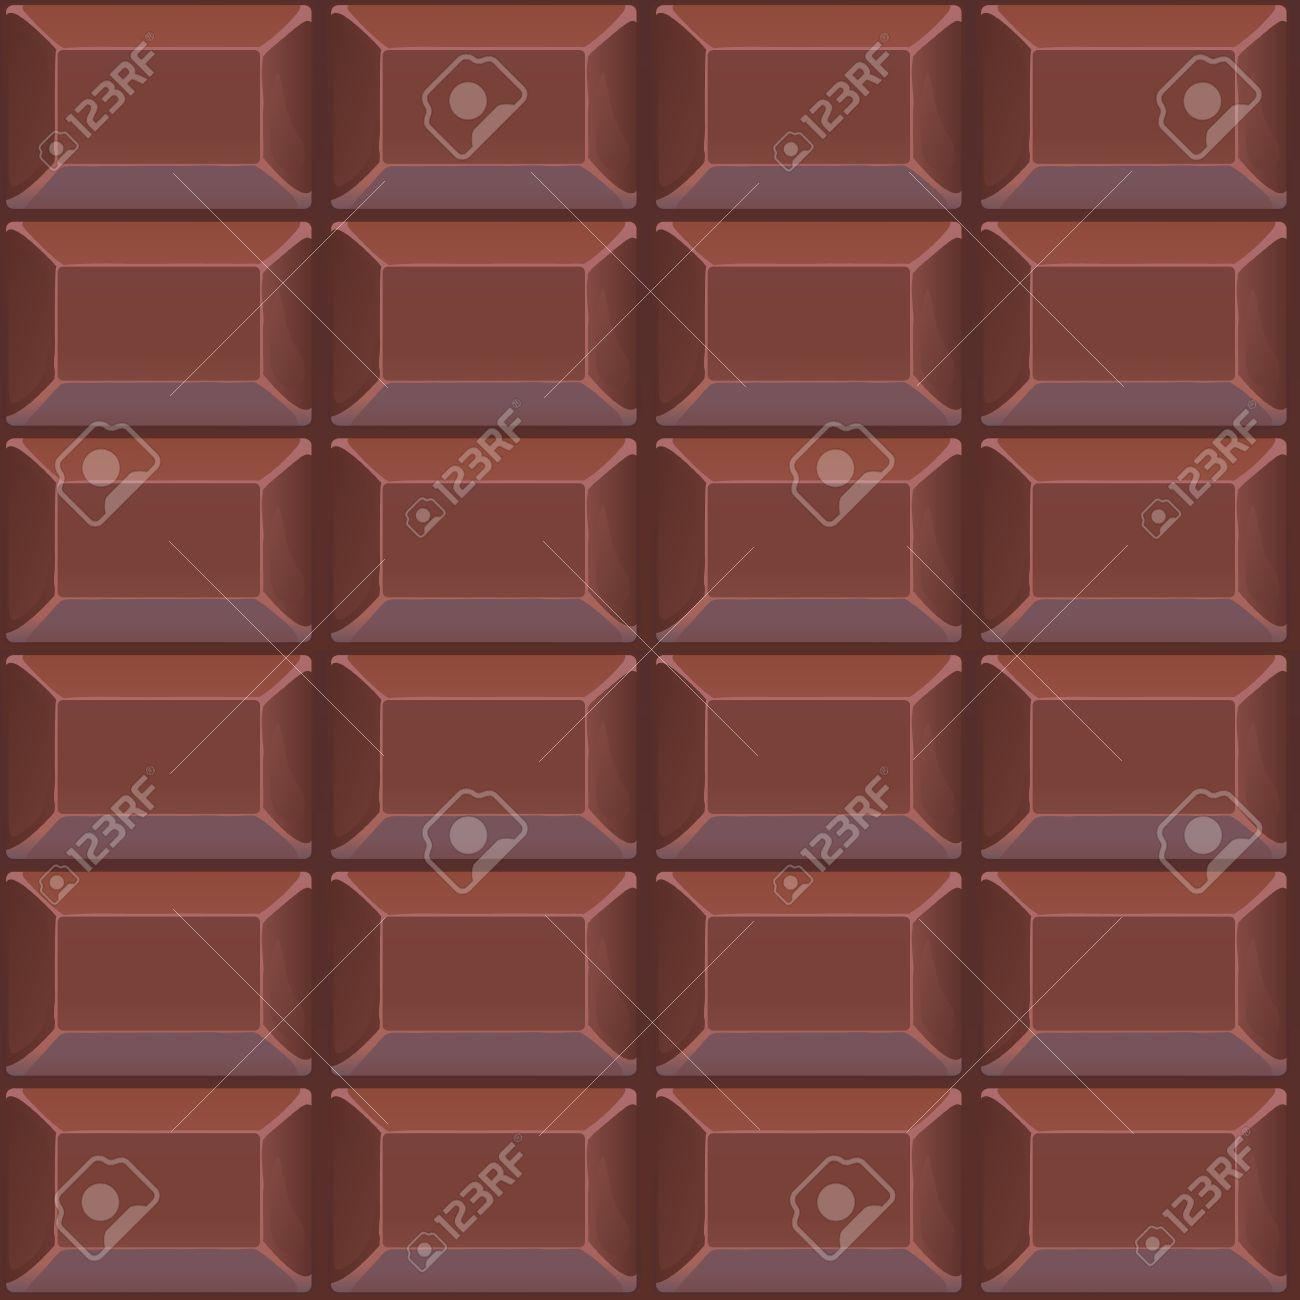 チョコレートのシームレスなベクトル パターン 背景に最適 壁紙